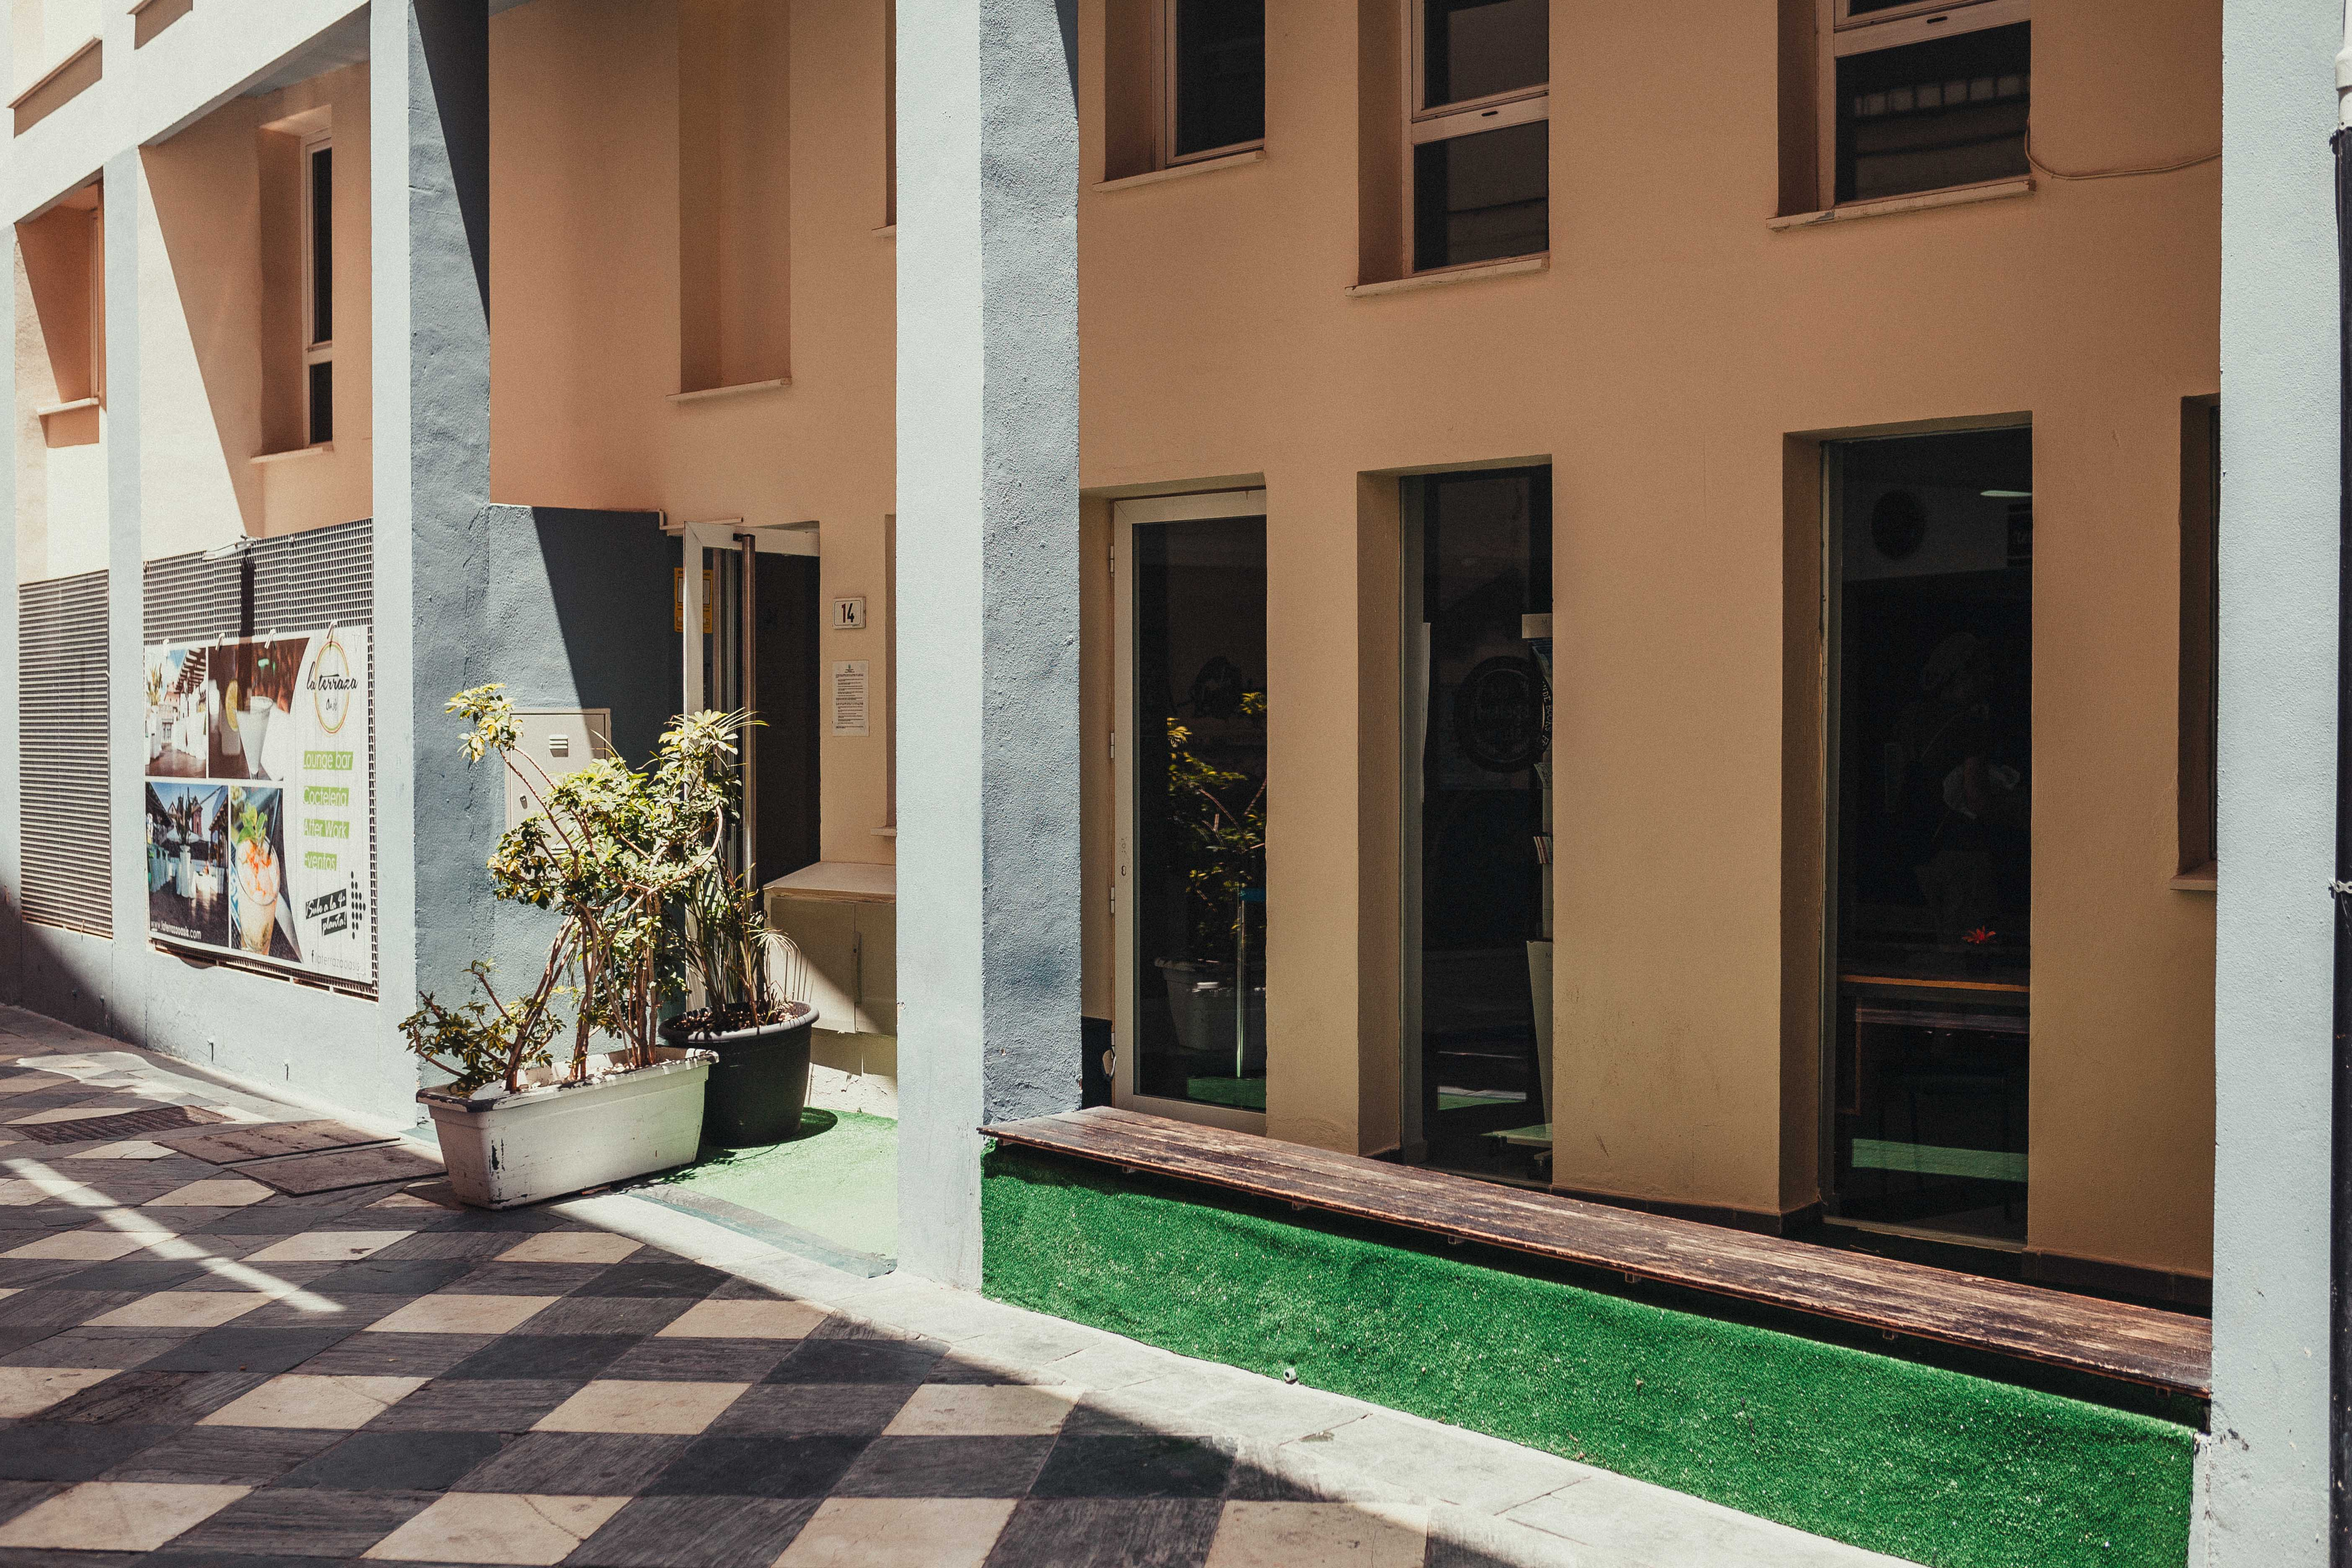 Oasis Backpackers Hostel Malaga In Malaga Best Hostel In